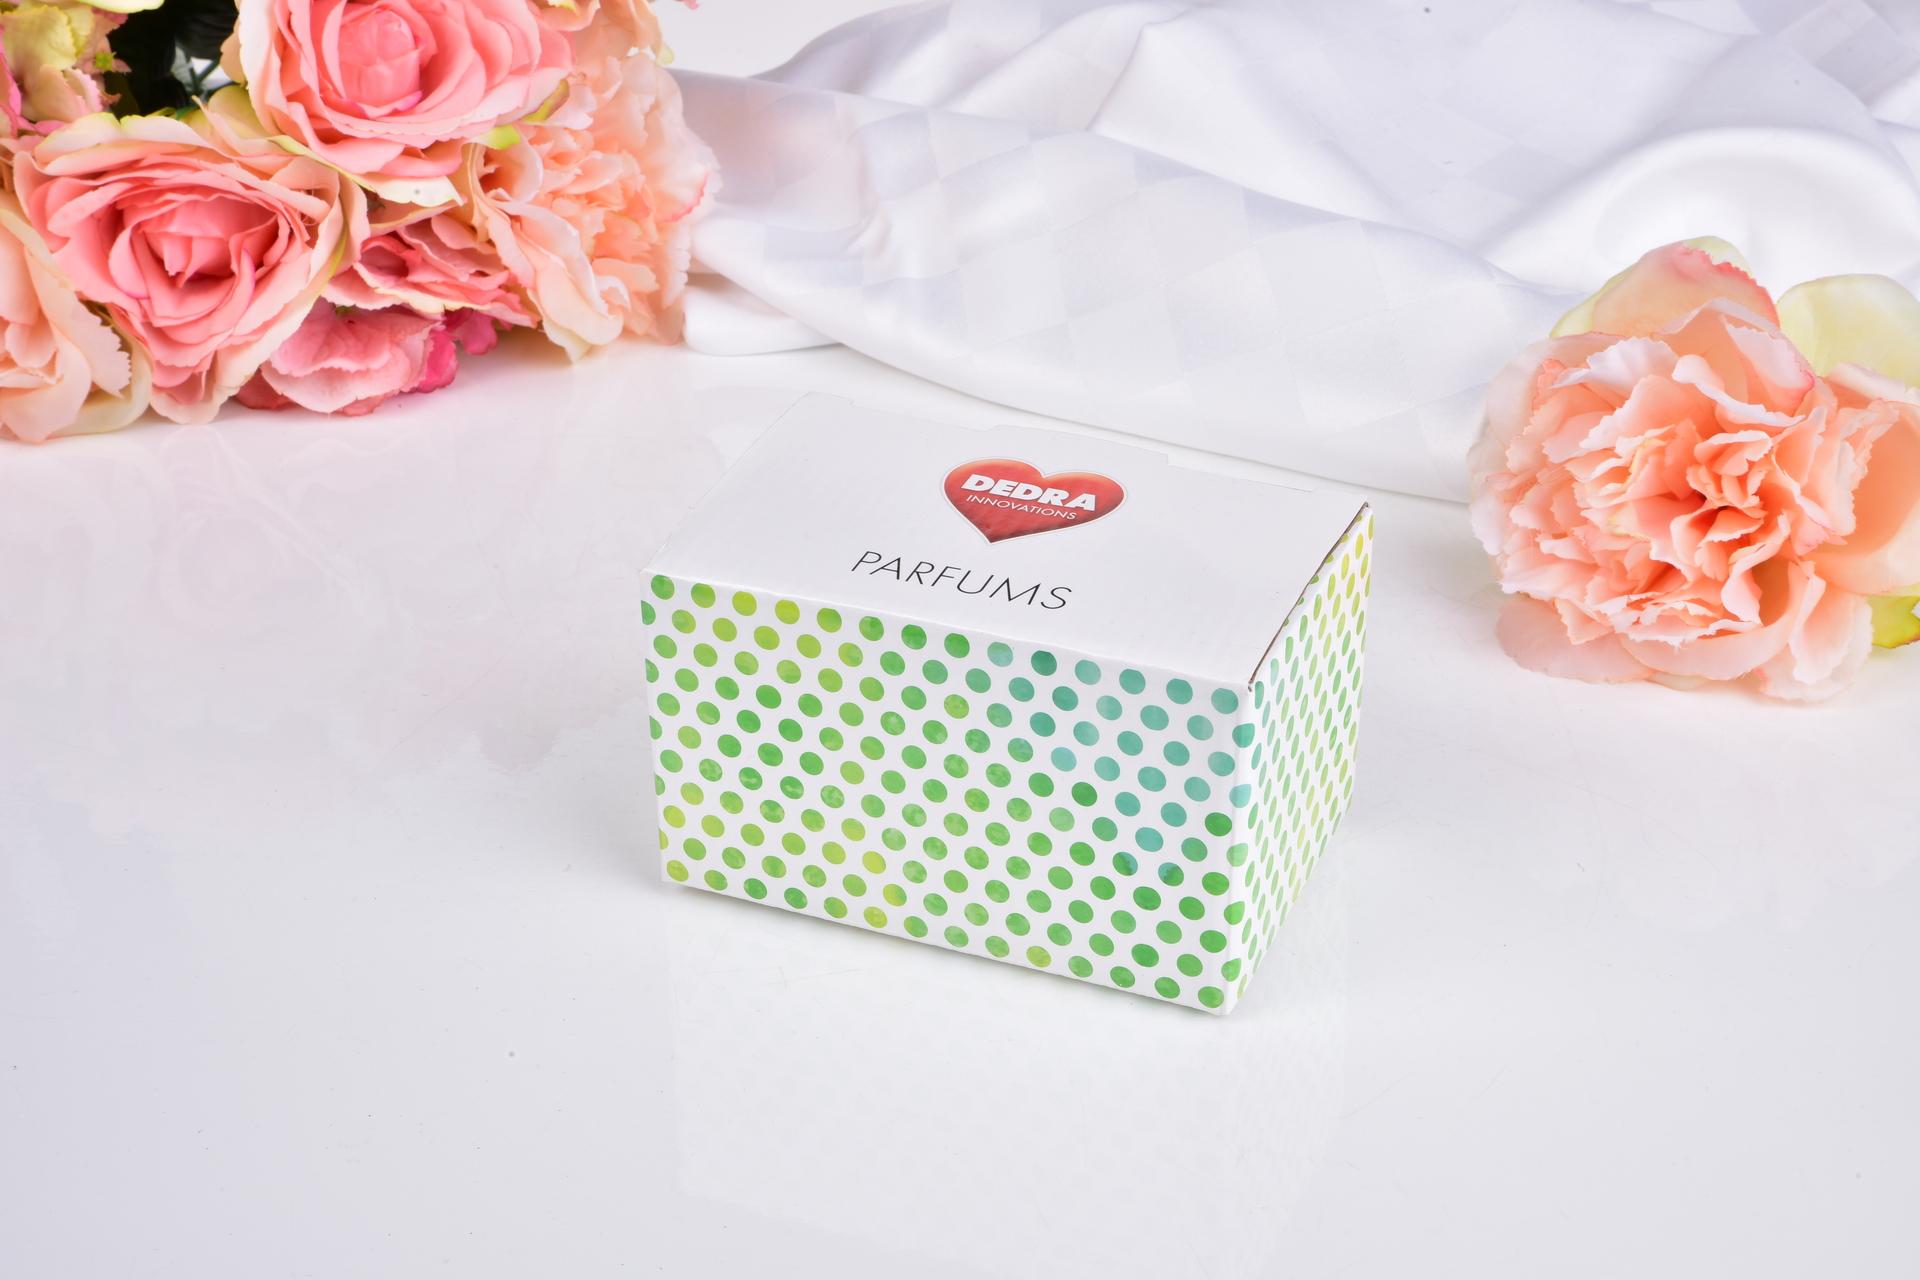 Sada 34 vzorků vůní aviváží, dámských a interiérových parfémů v kazetě z recyklovaného papíru